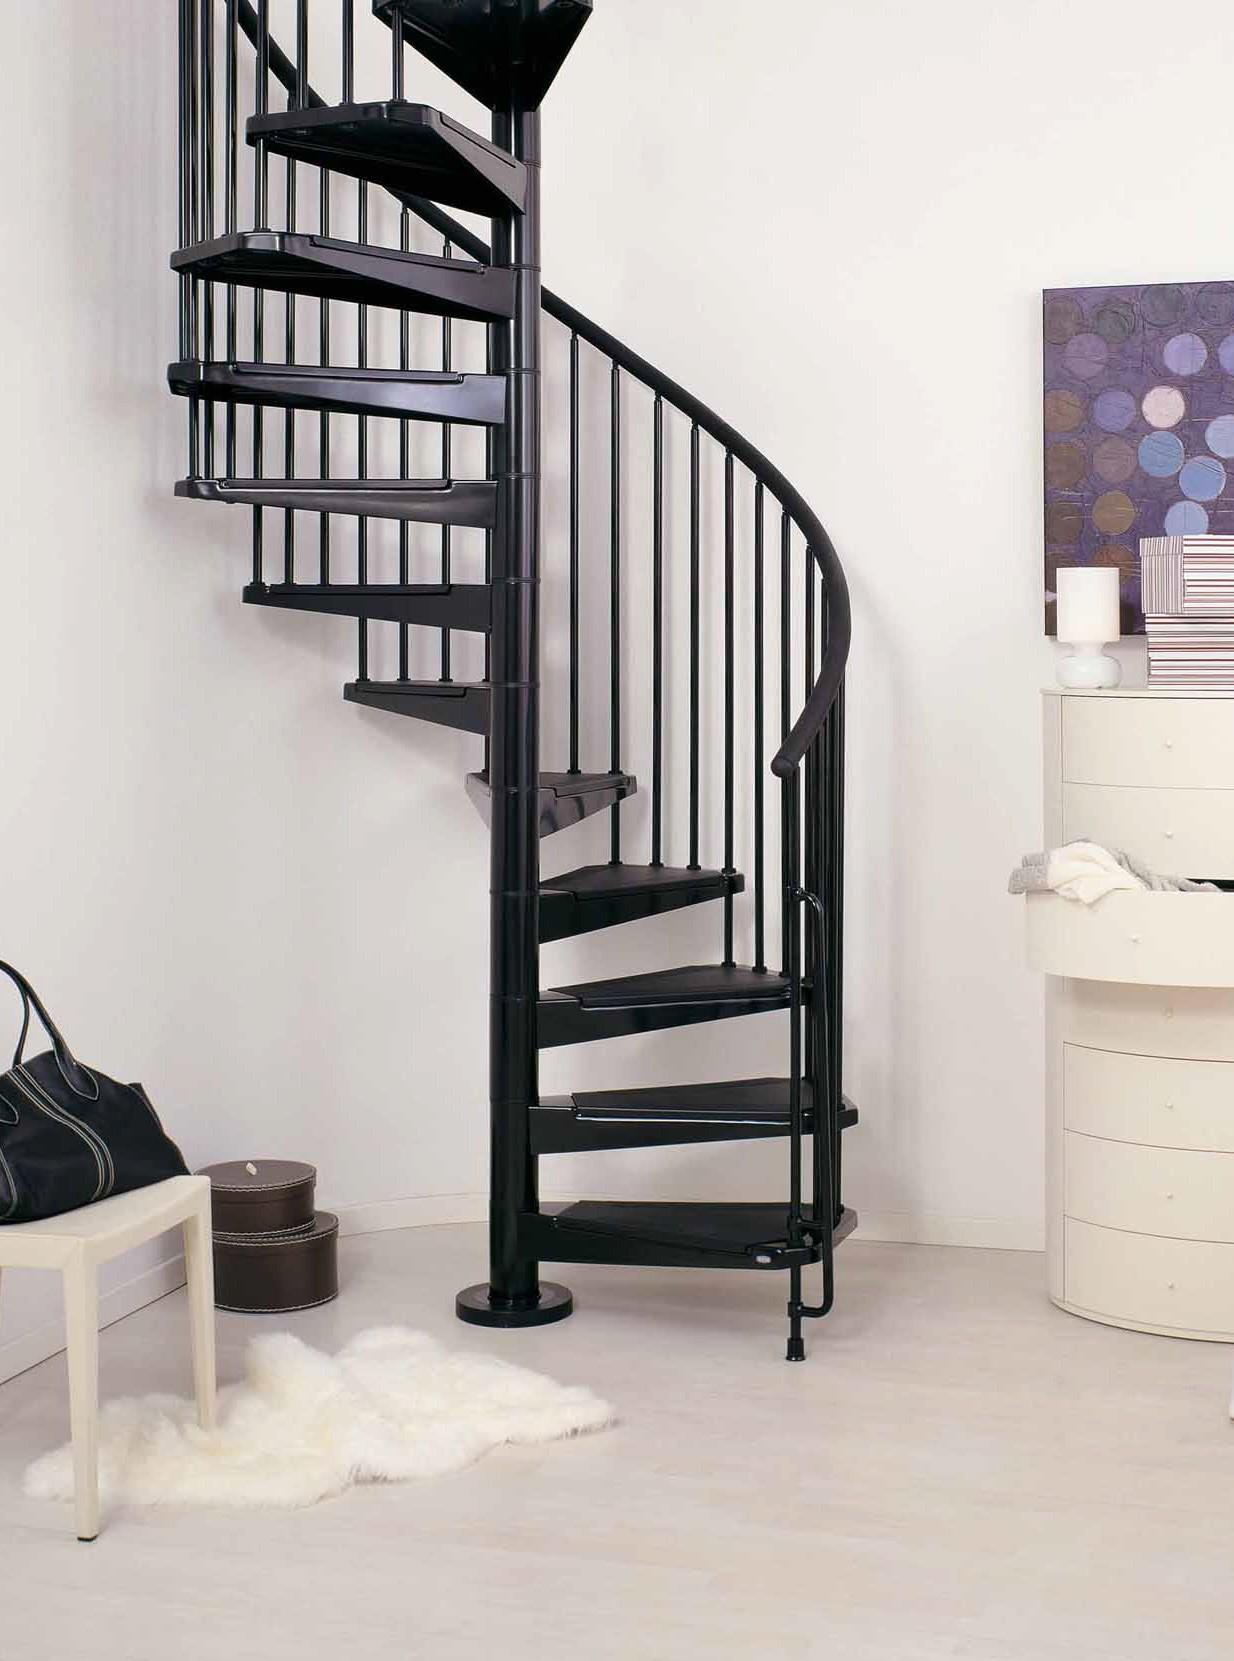 Barriere Escalier En Colimaçon escalier en colimaçon / à spirale arkè civik en acier noir